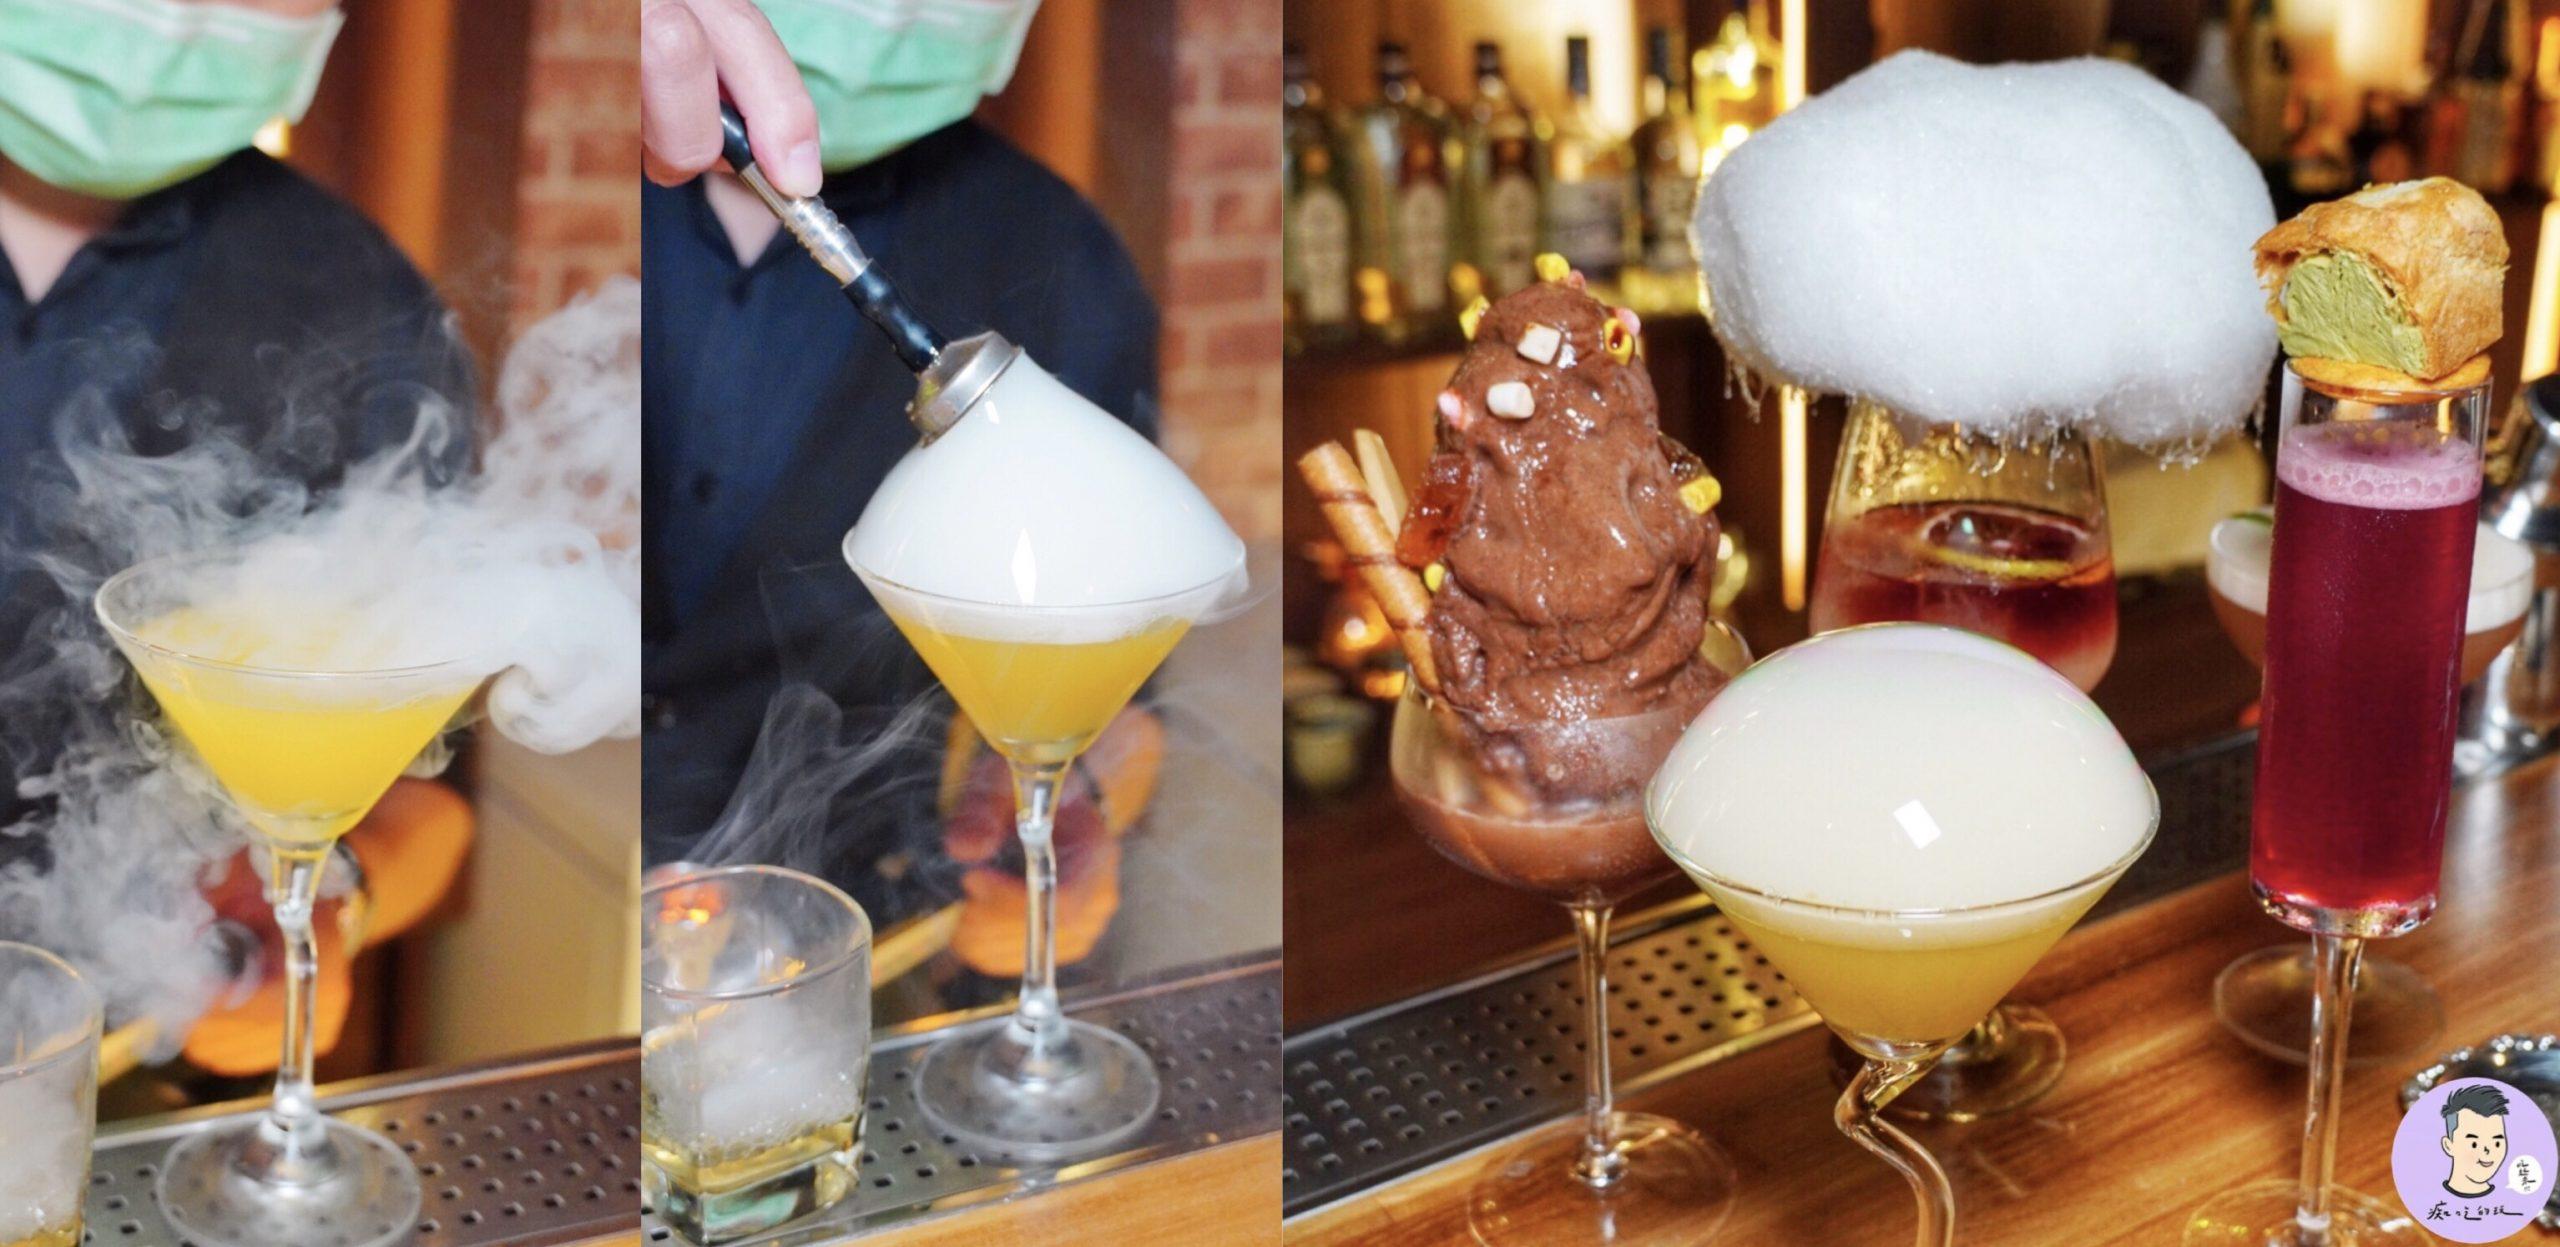 【台南無菜單酒吧】沒招牌的神秘酒吧!客製化製作 台南第一間speakeasybar 獨一無二風味 – Eureka-發現酒吧